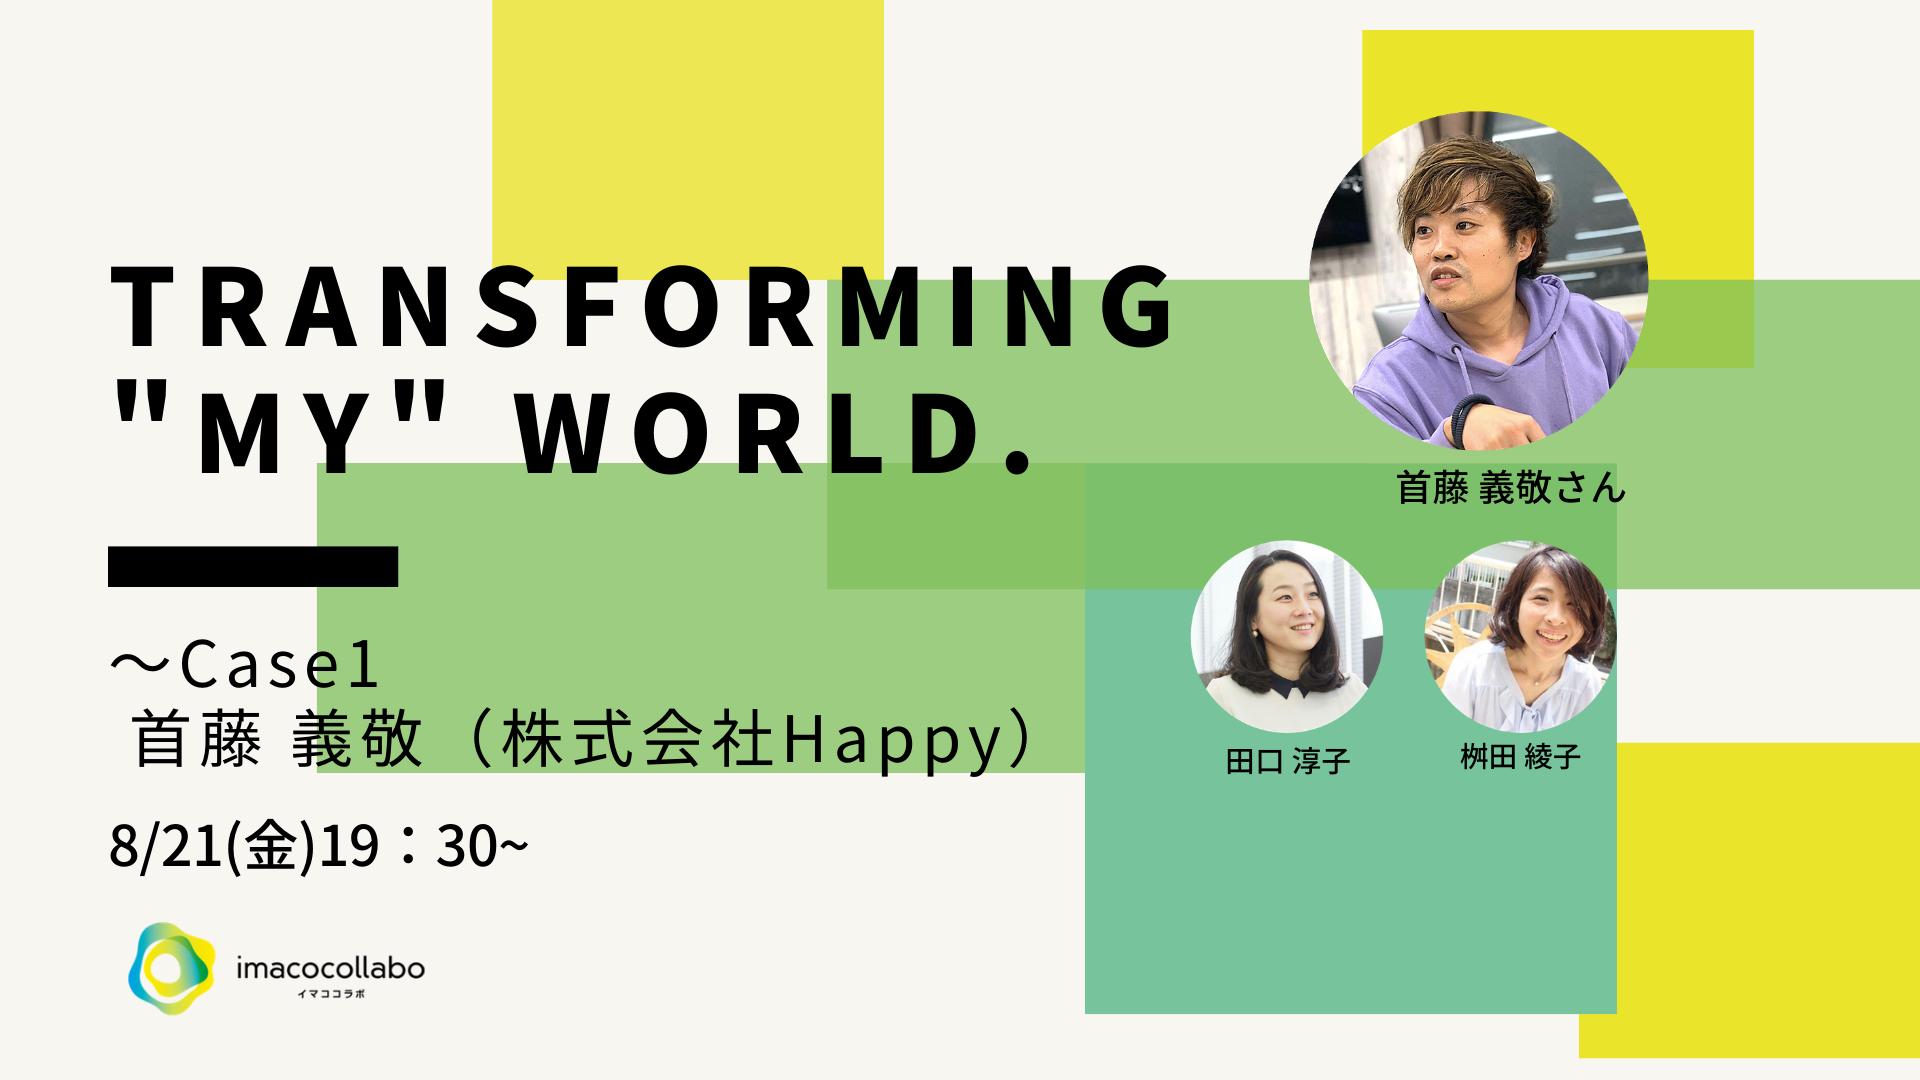 【イマココラボ主催】Transforming My World ~Case1 首藤 義敬(株式会社Happy)